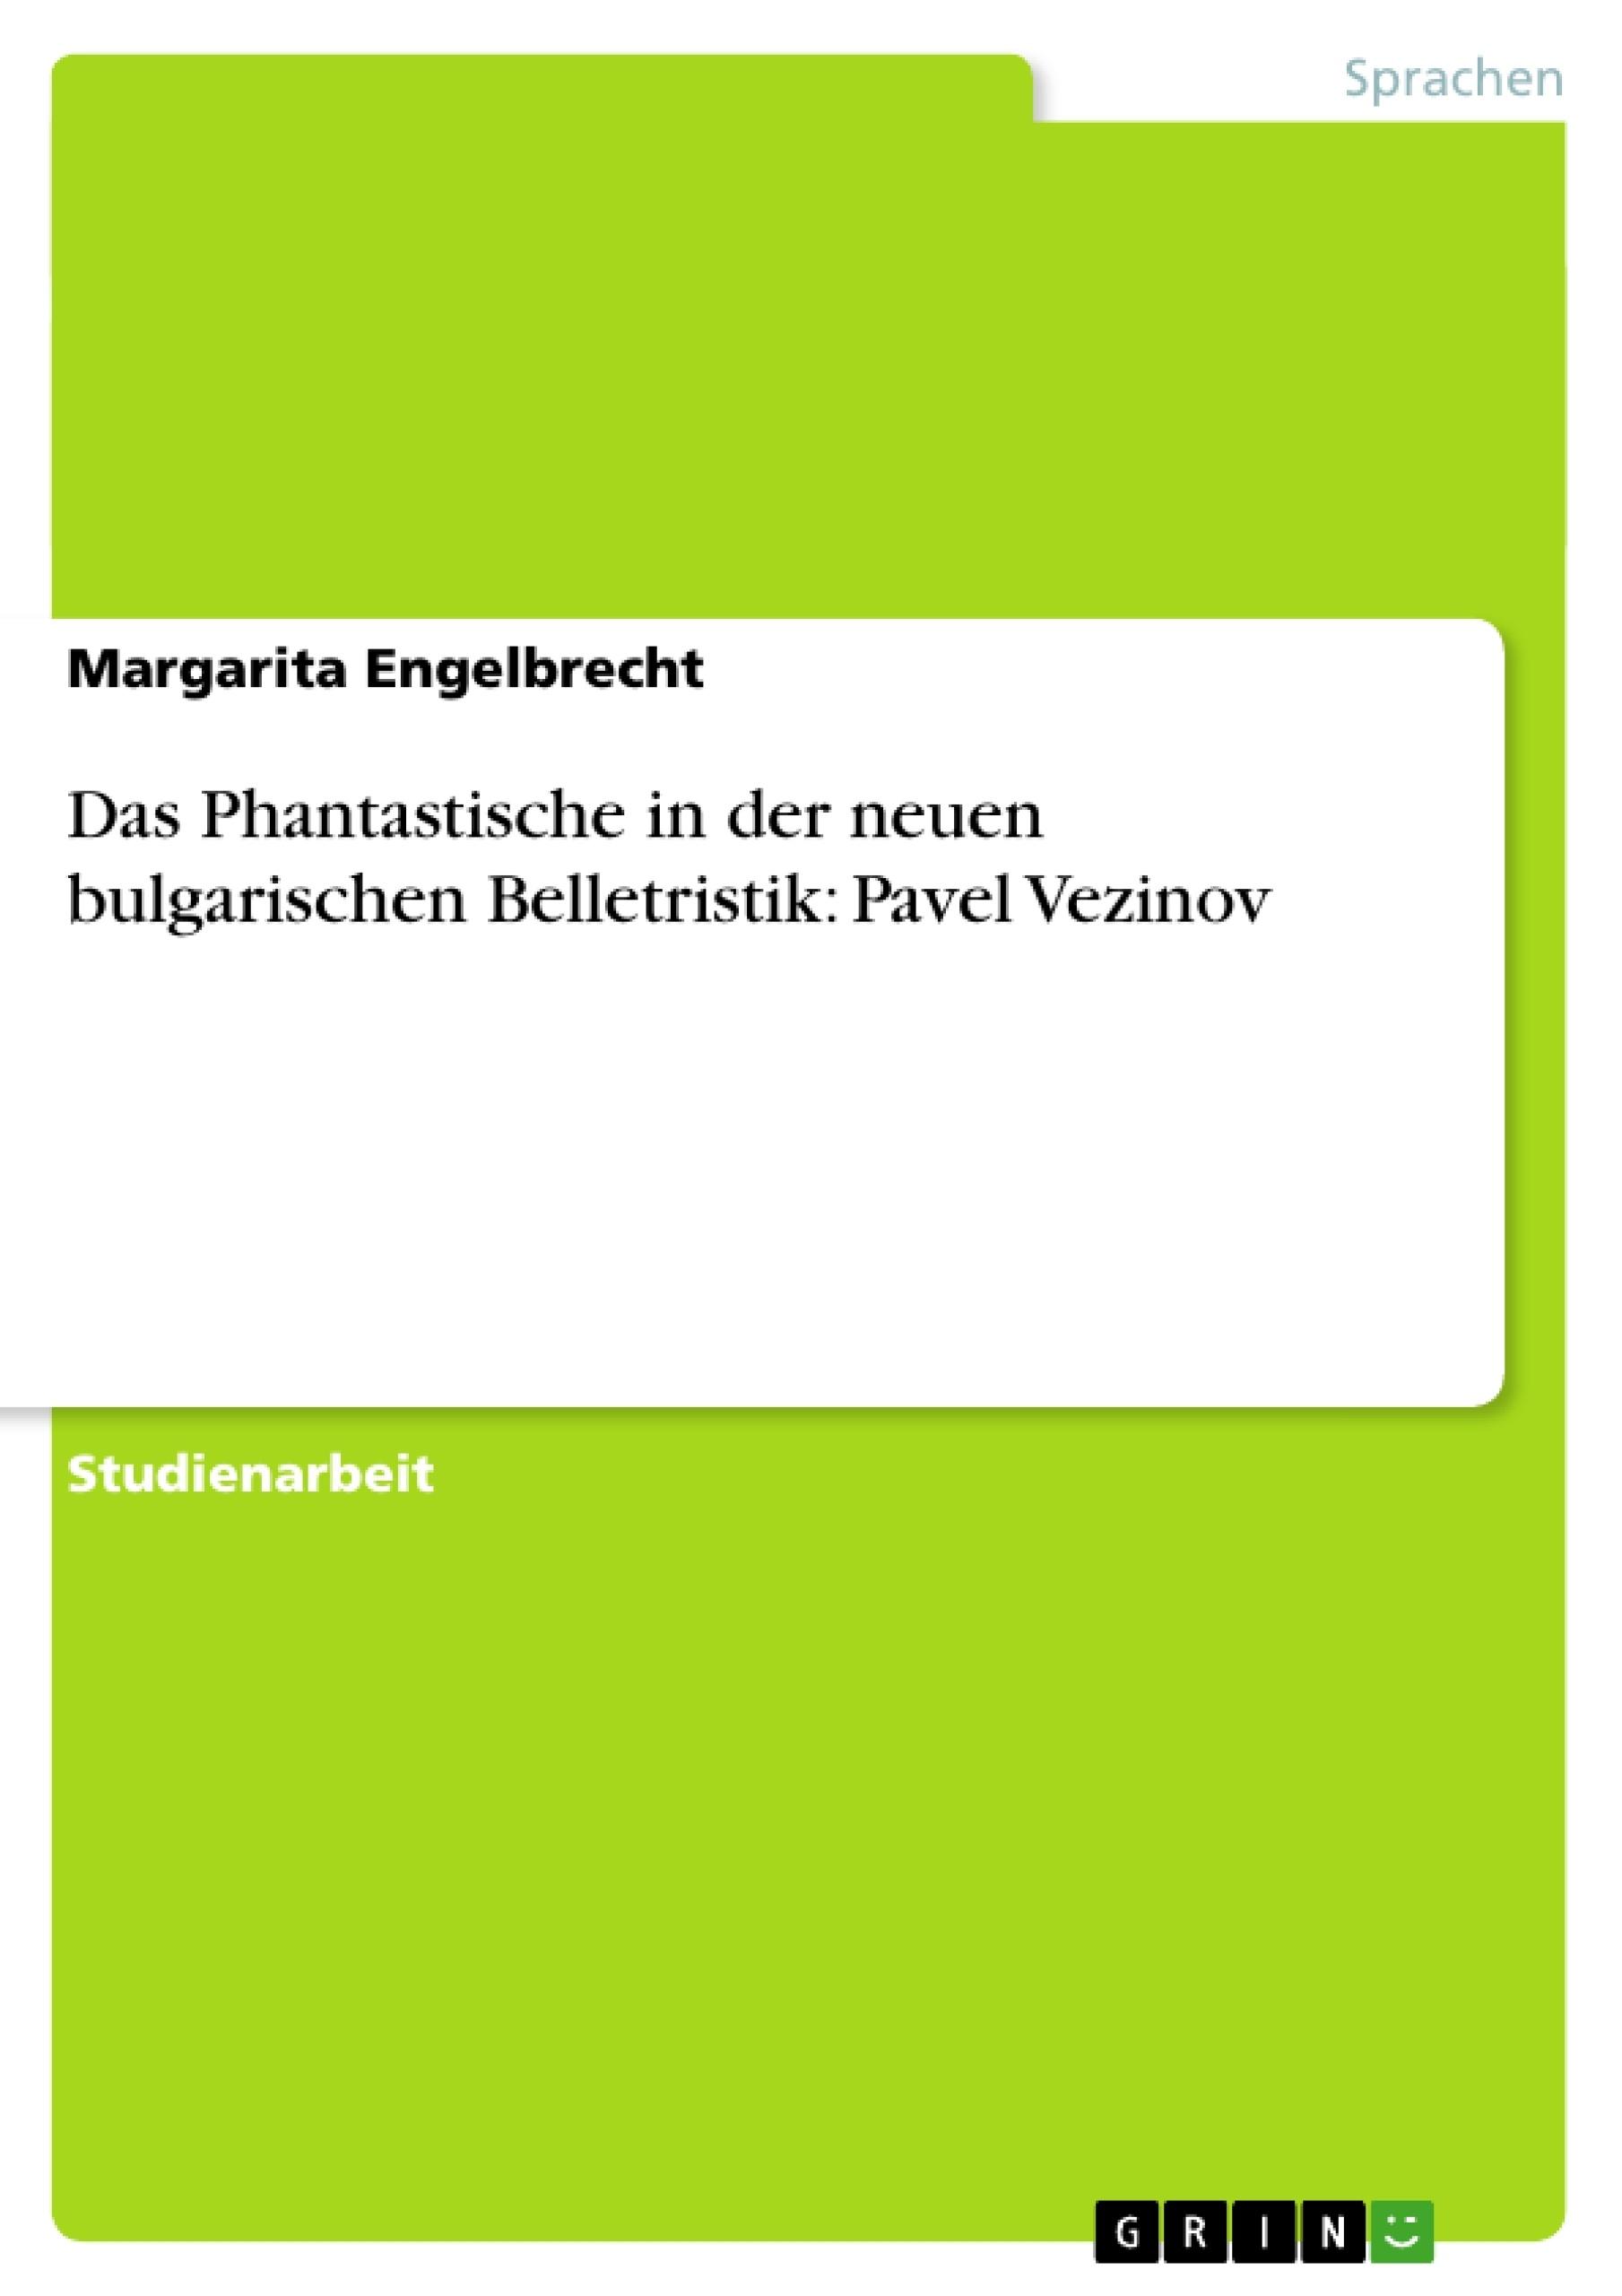 Titel: Das Phantastische in der neuen bulgarischen Belletristik: Pavel Vezinov